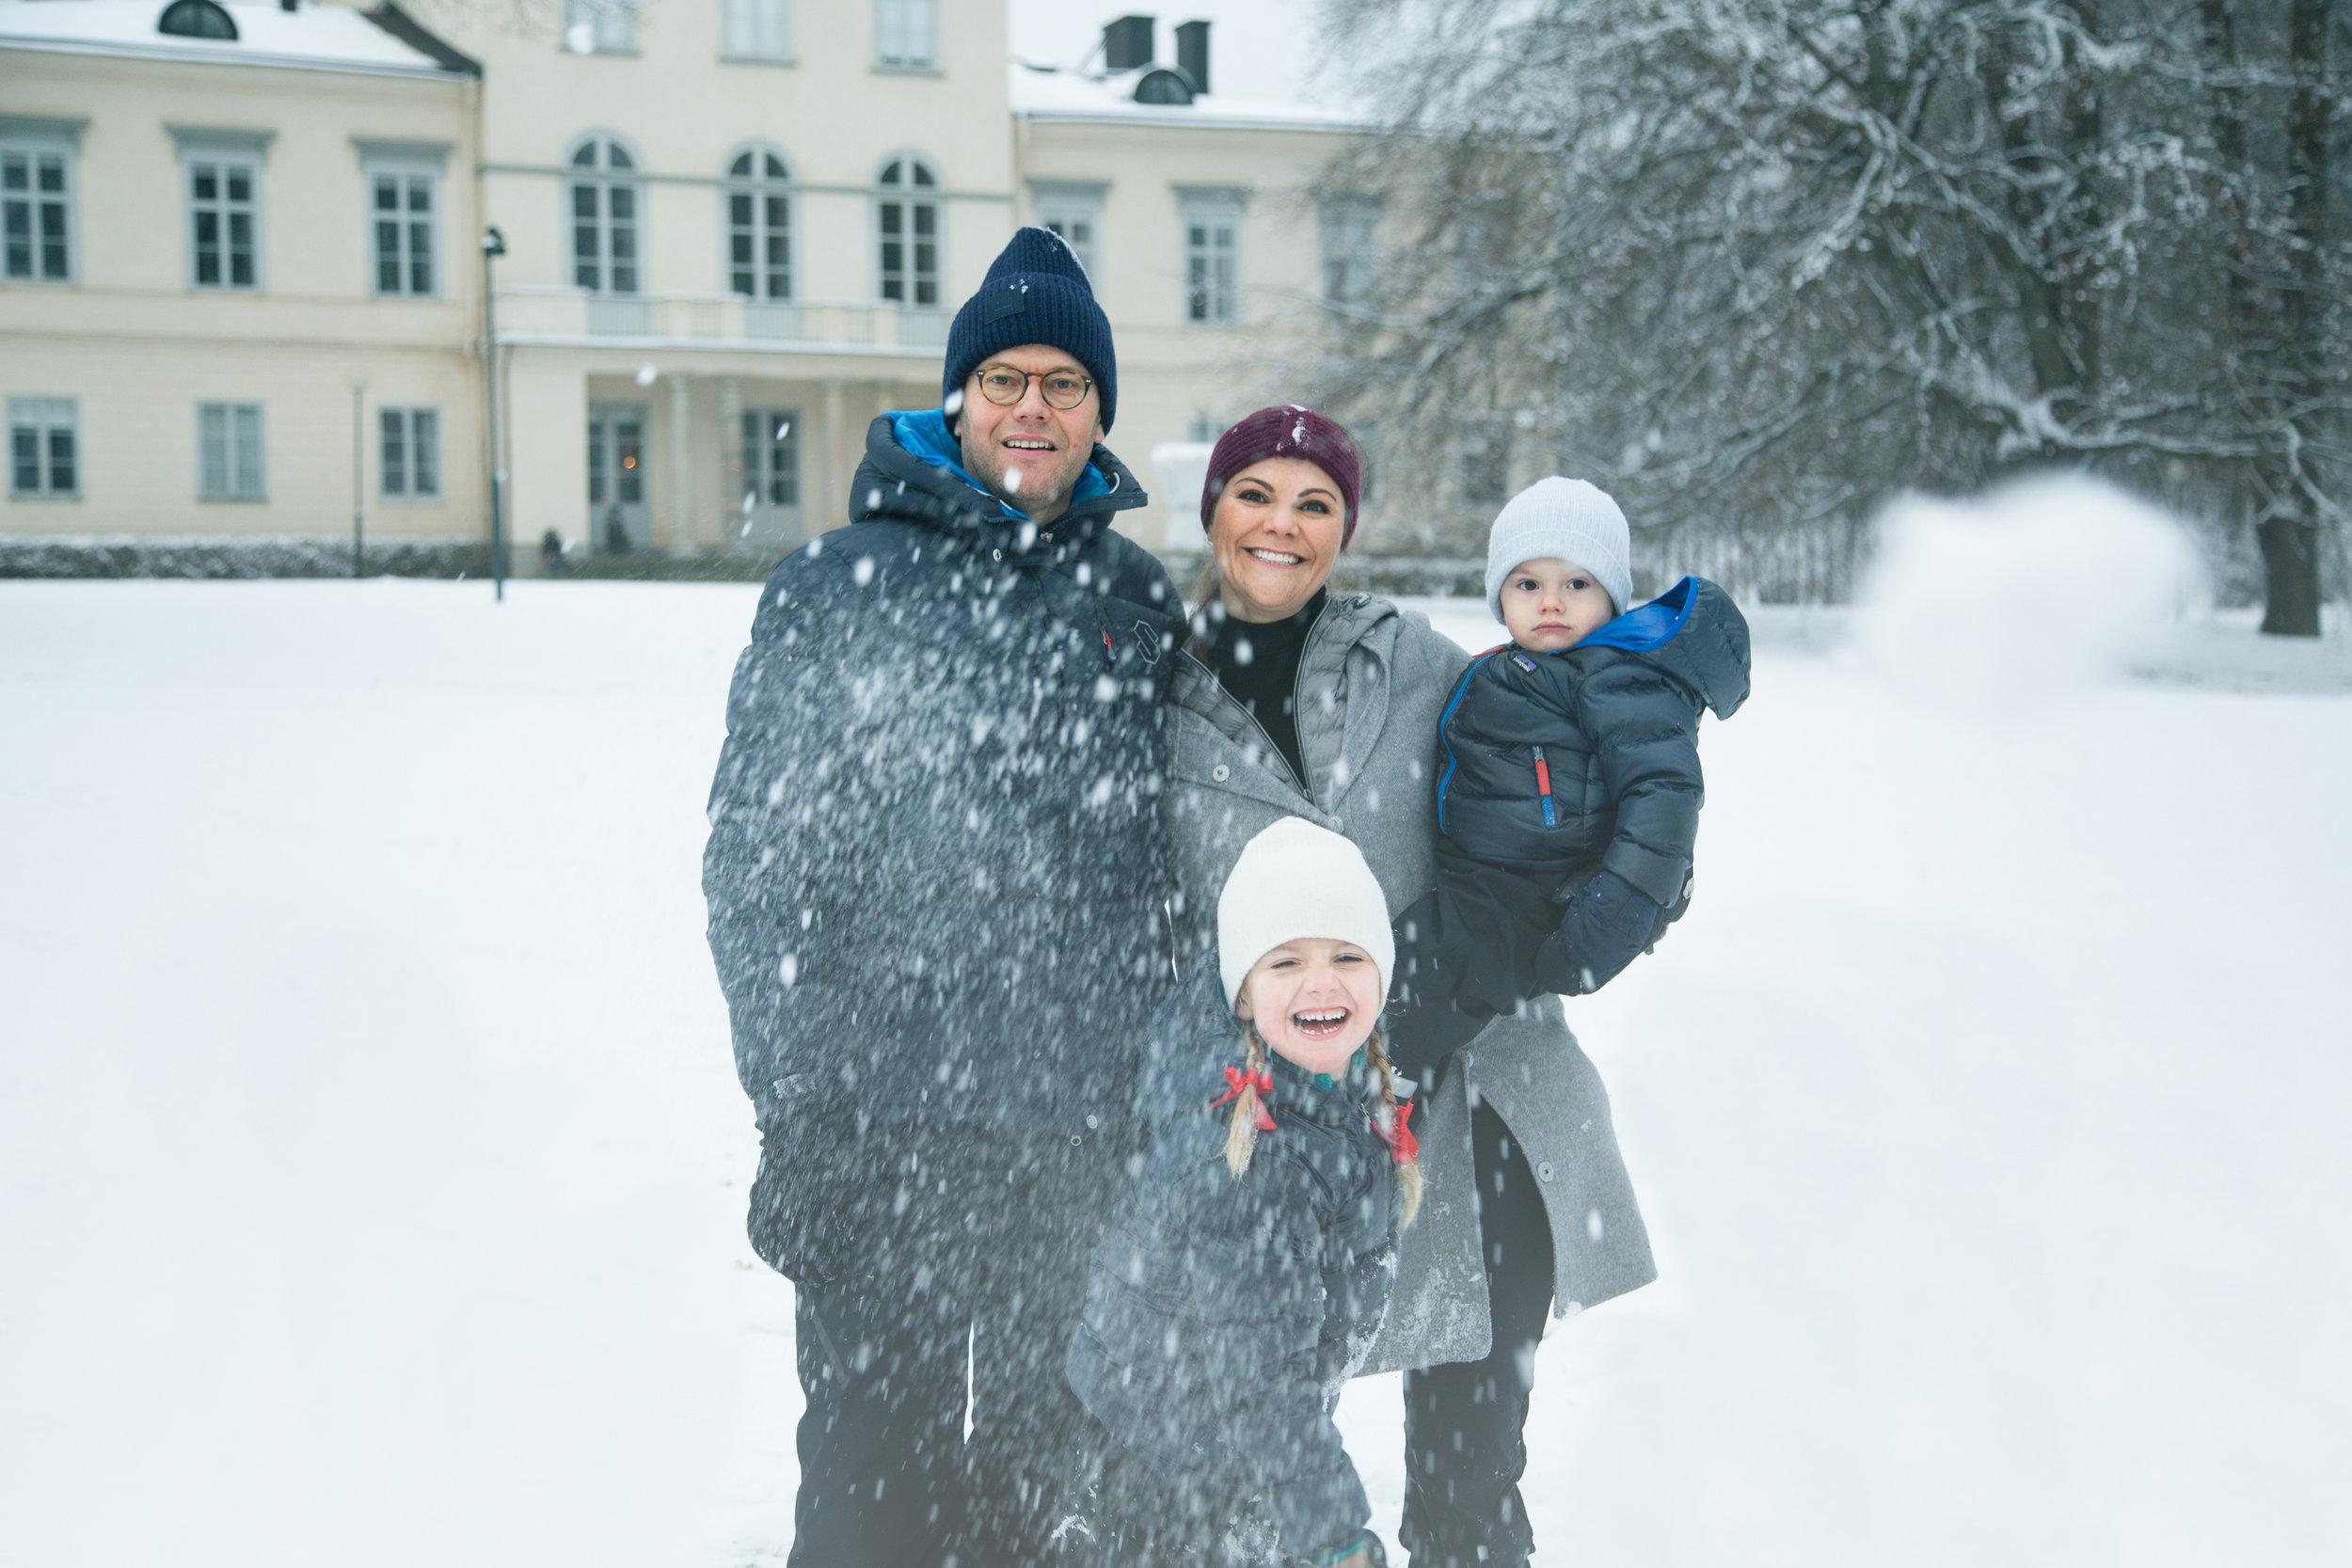 Es sieht ganz so aus, als hätte Prinzessin Estelle einen Schneeball (oben rechts) auf den Fotografen geworfen    Foto: Kungahuset,Raphael Stecksén